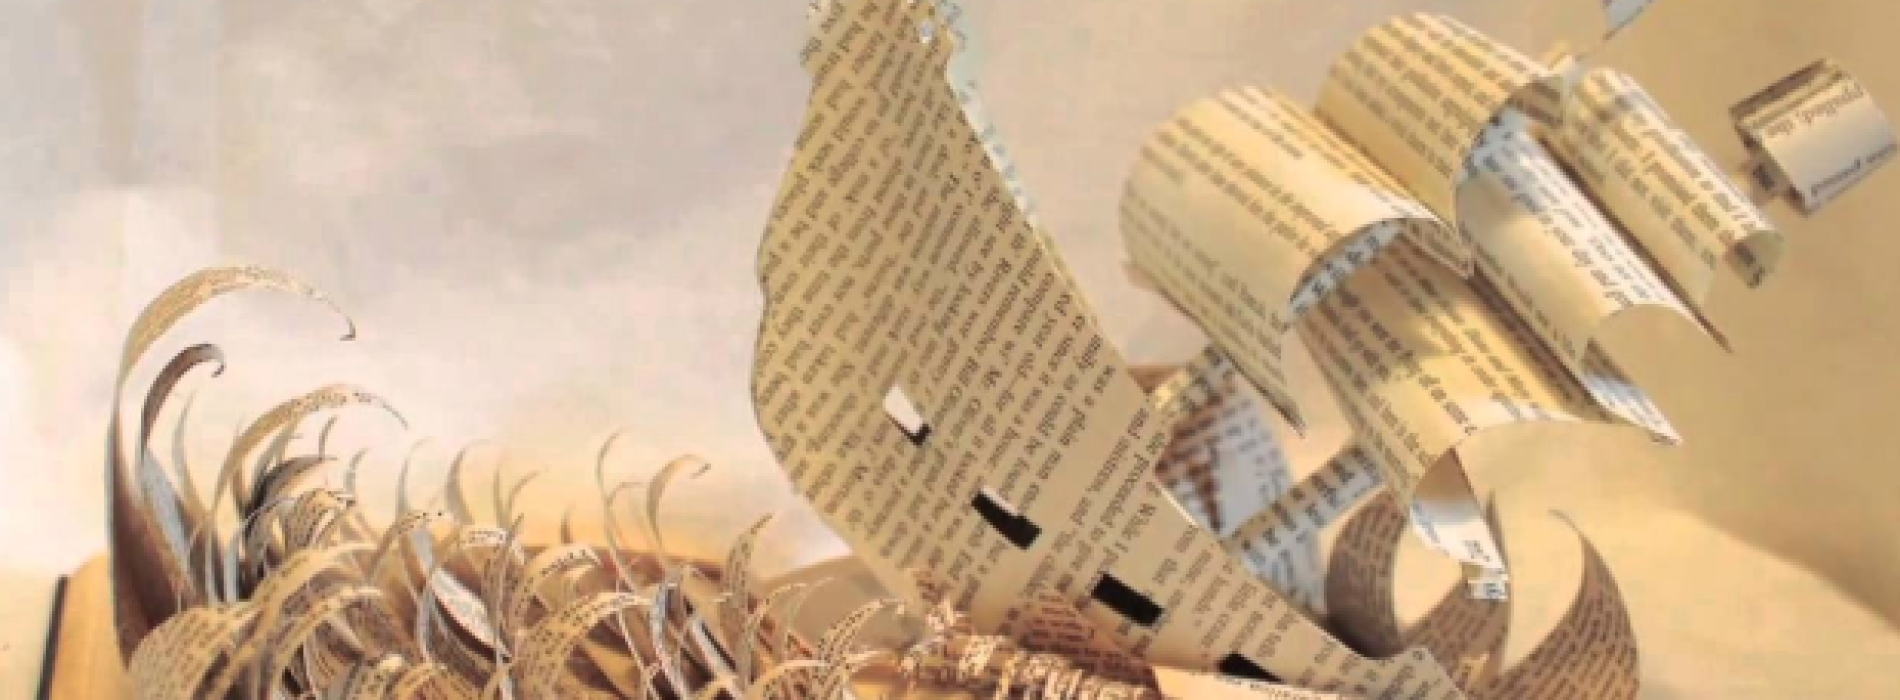 Book sculpture, i personaggi della letteratura prendono vita